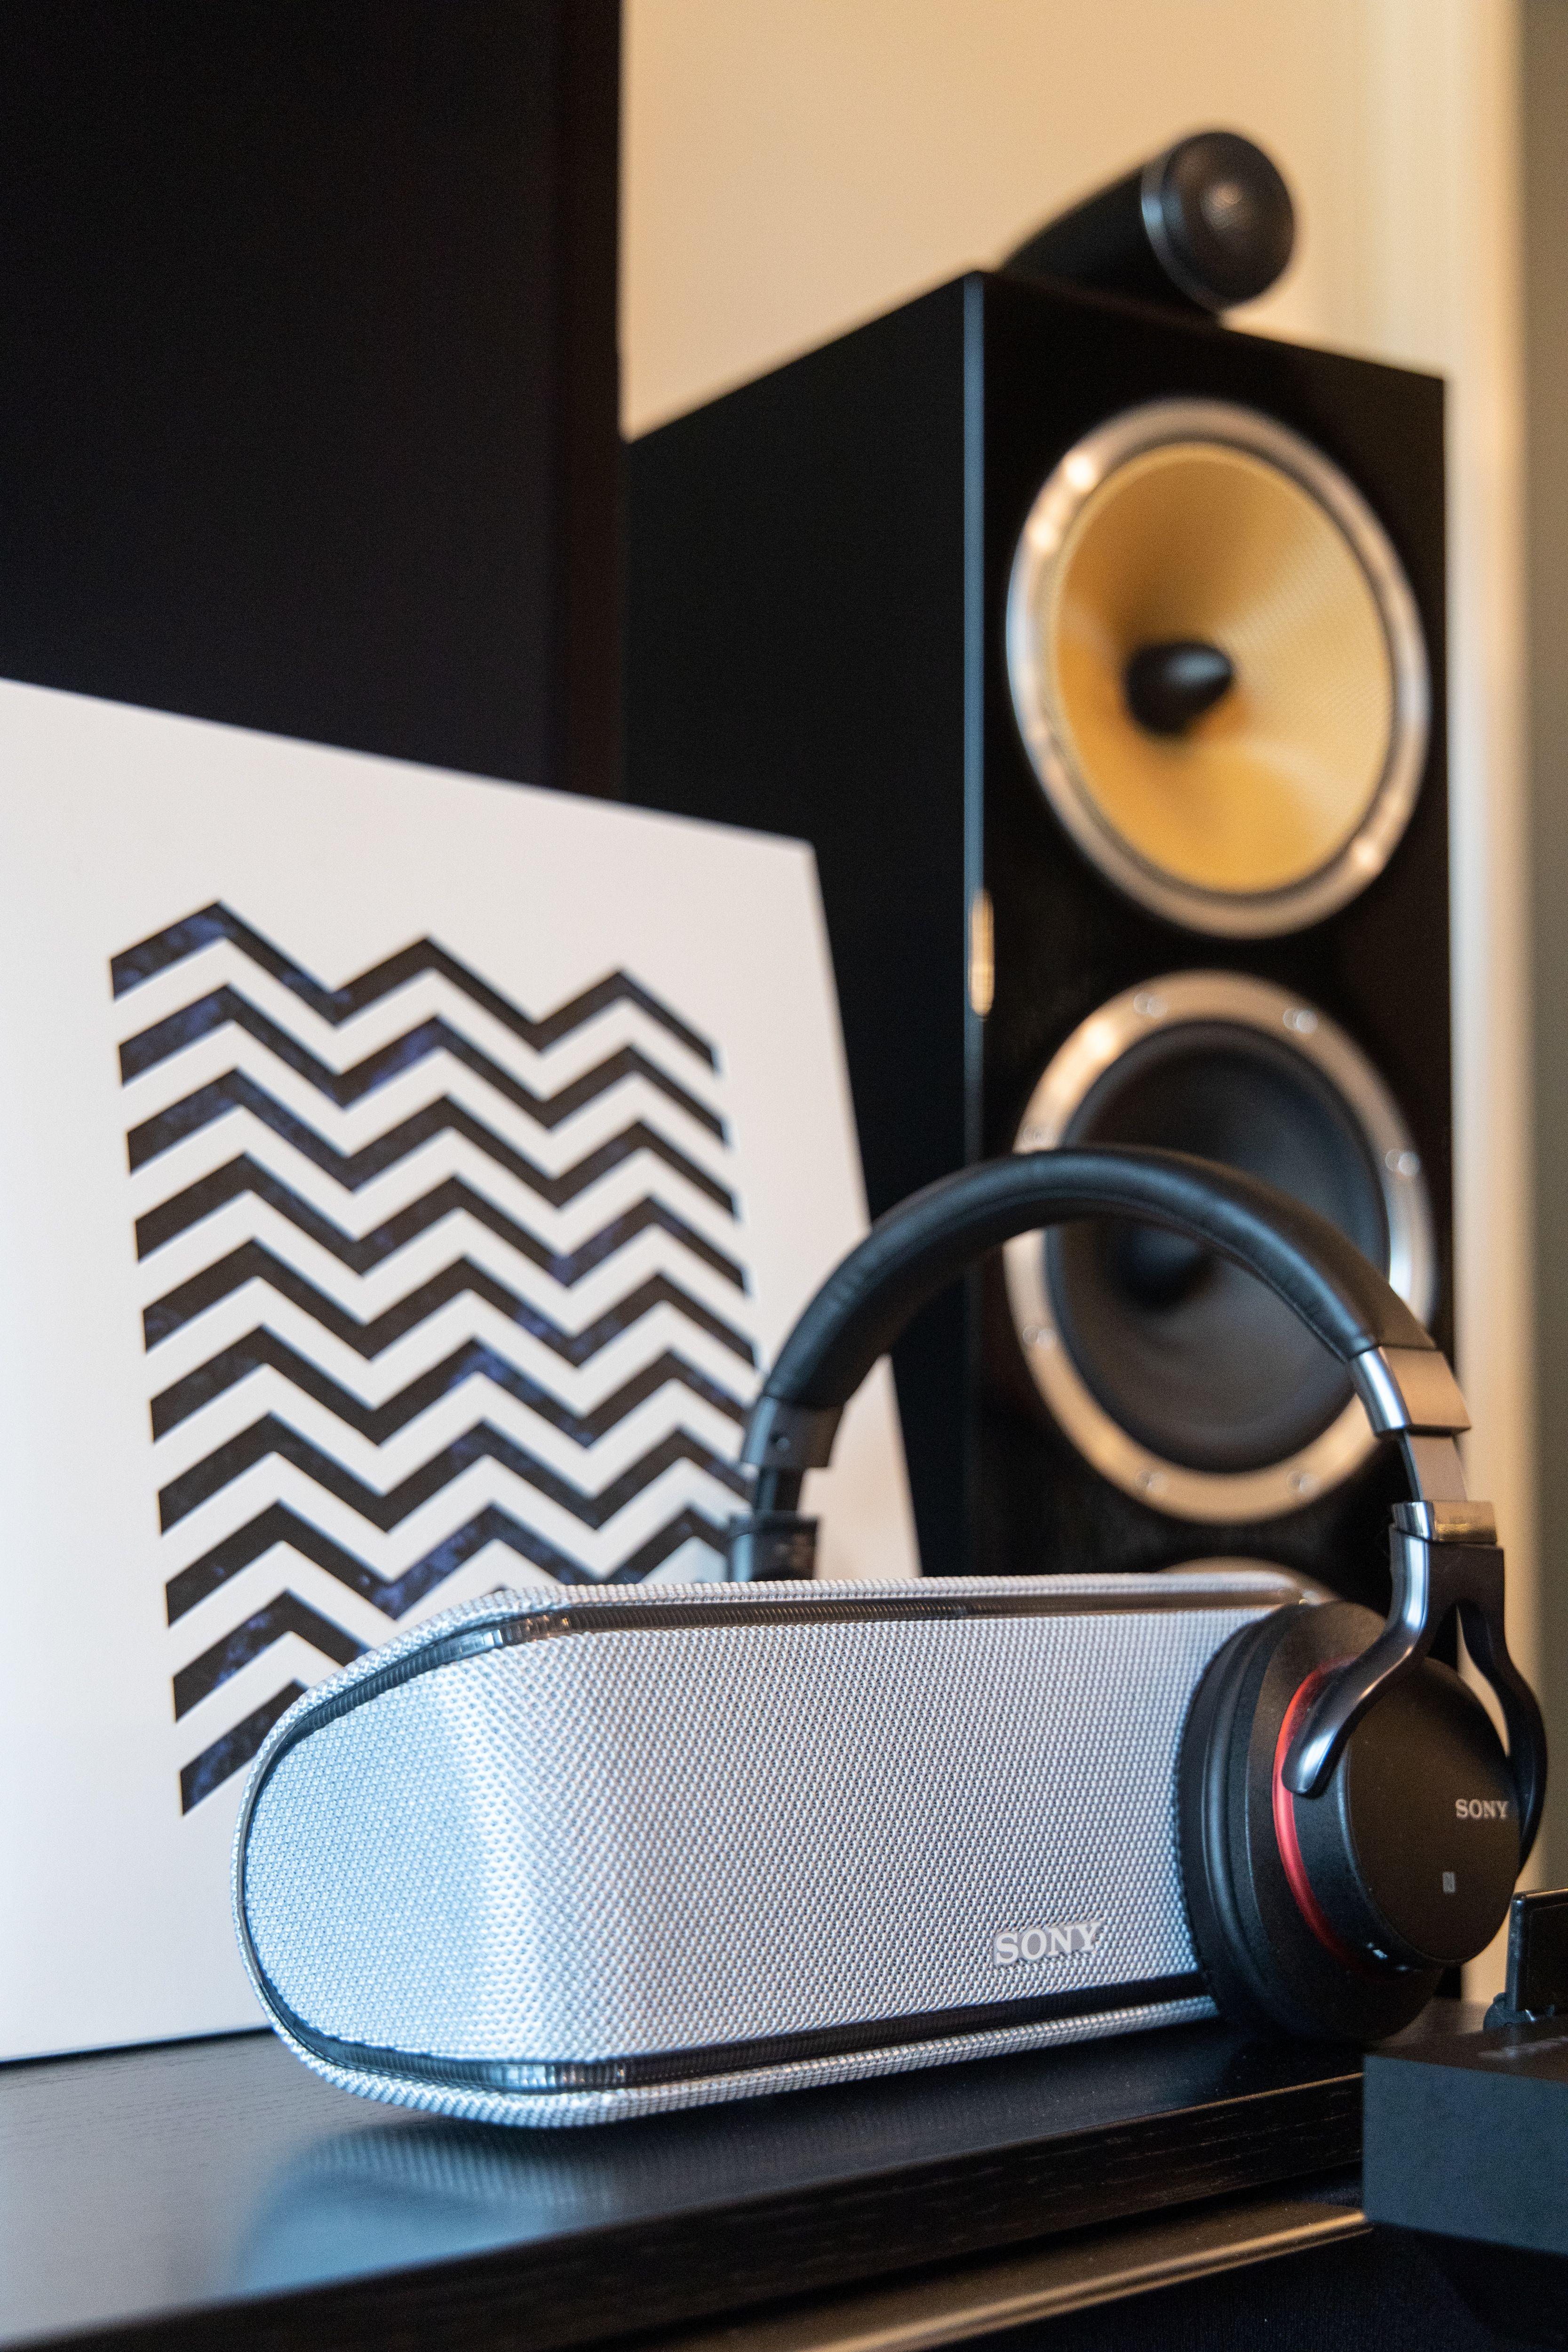 Sonys platespiller med blåtann er allsidig med mulighet for strømming til hodetelefoner og småhøyttalere, eller tilkobling med kabel til forsterker.